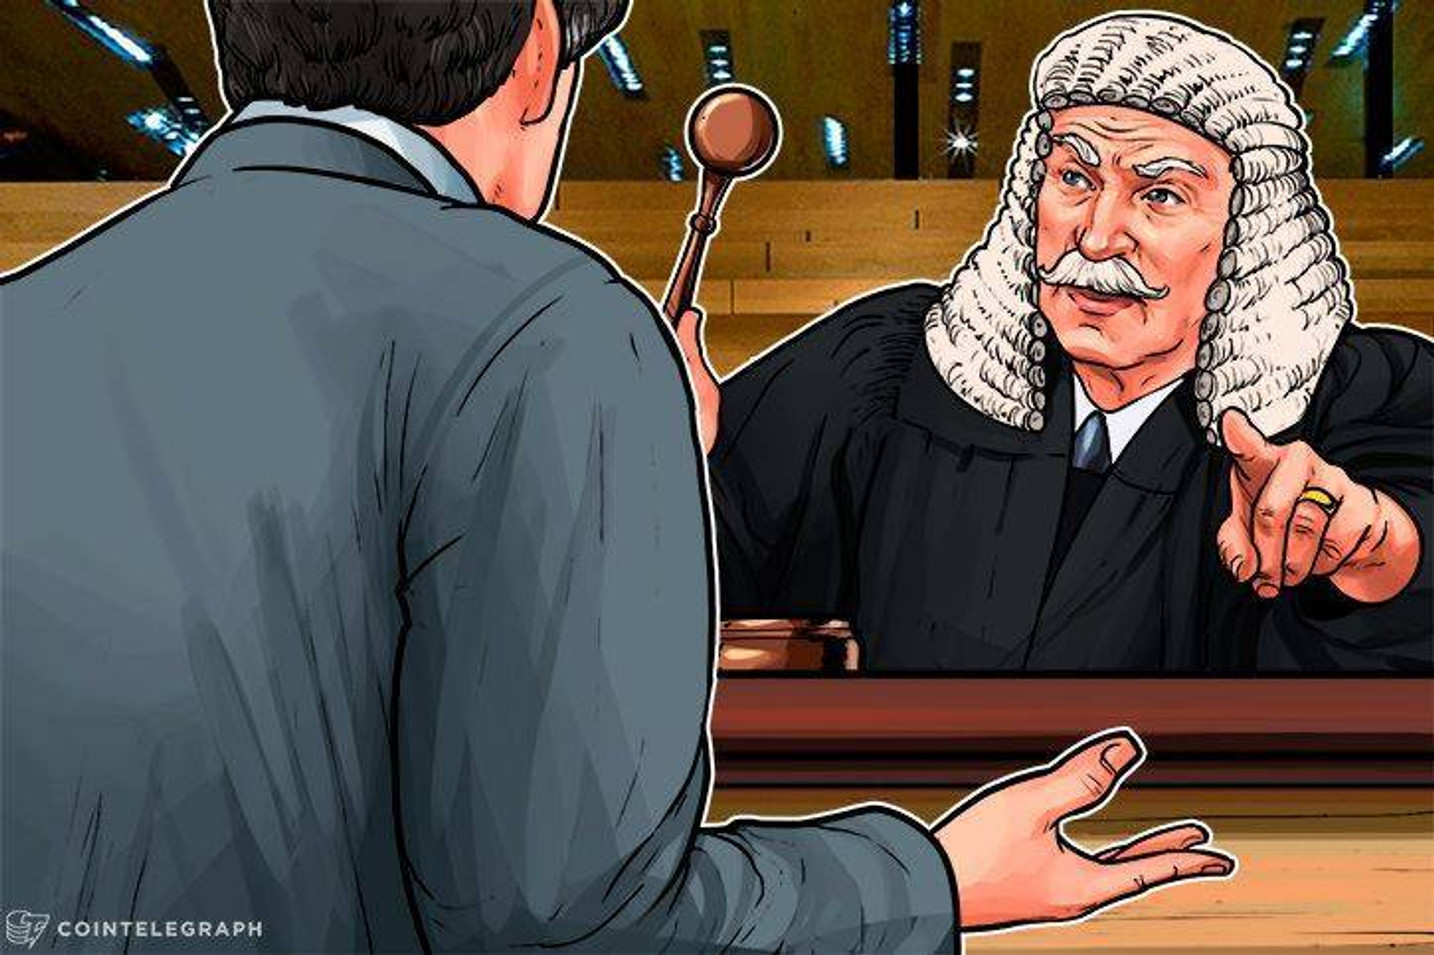 Per ordine del Tribunale di Firenze, le autorità giudiziarie sequestrano i Bitcoin contenuti nei portafogli di BitGrail